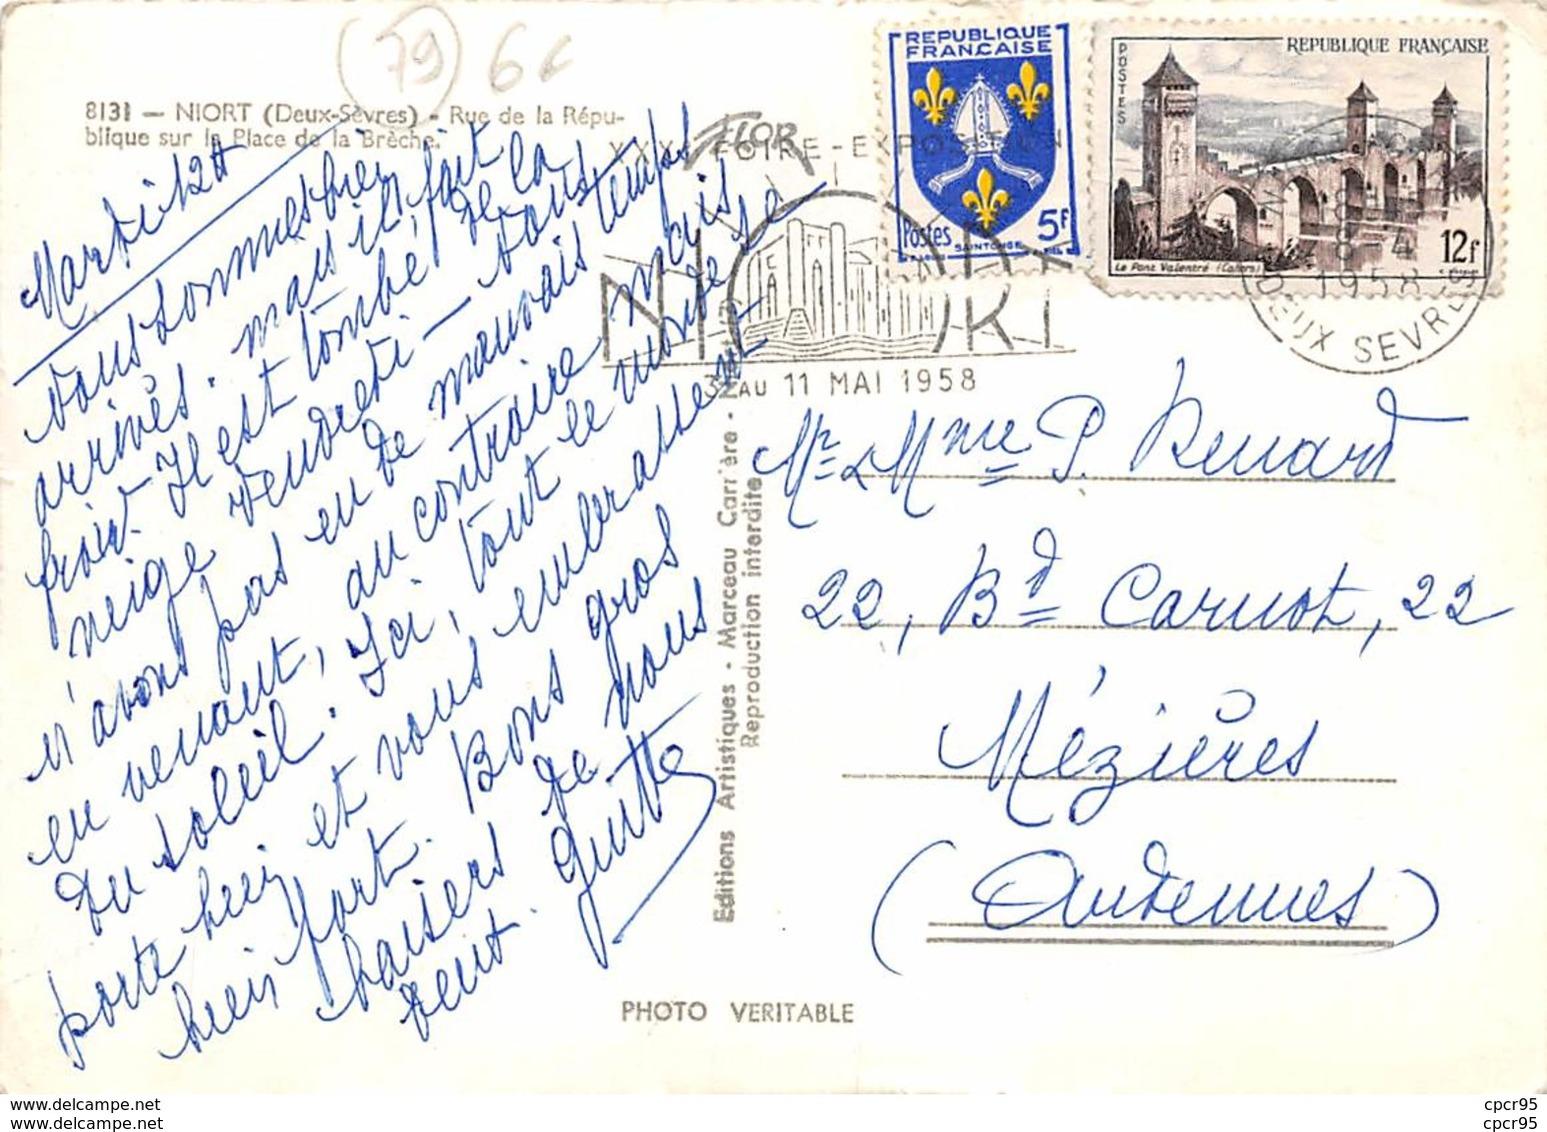 79 .  N° 200783  .  NIORT  .  RUE DE LA REPUBLIQUE SUR LA PLACE DE LA BRECHE  .  CPSM . 14,5 X 10,5 - Niort